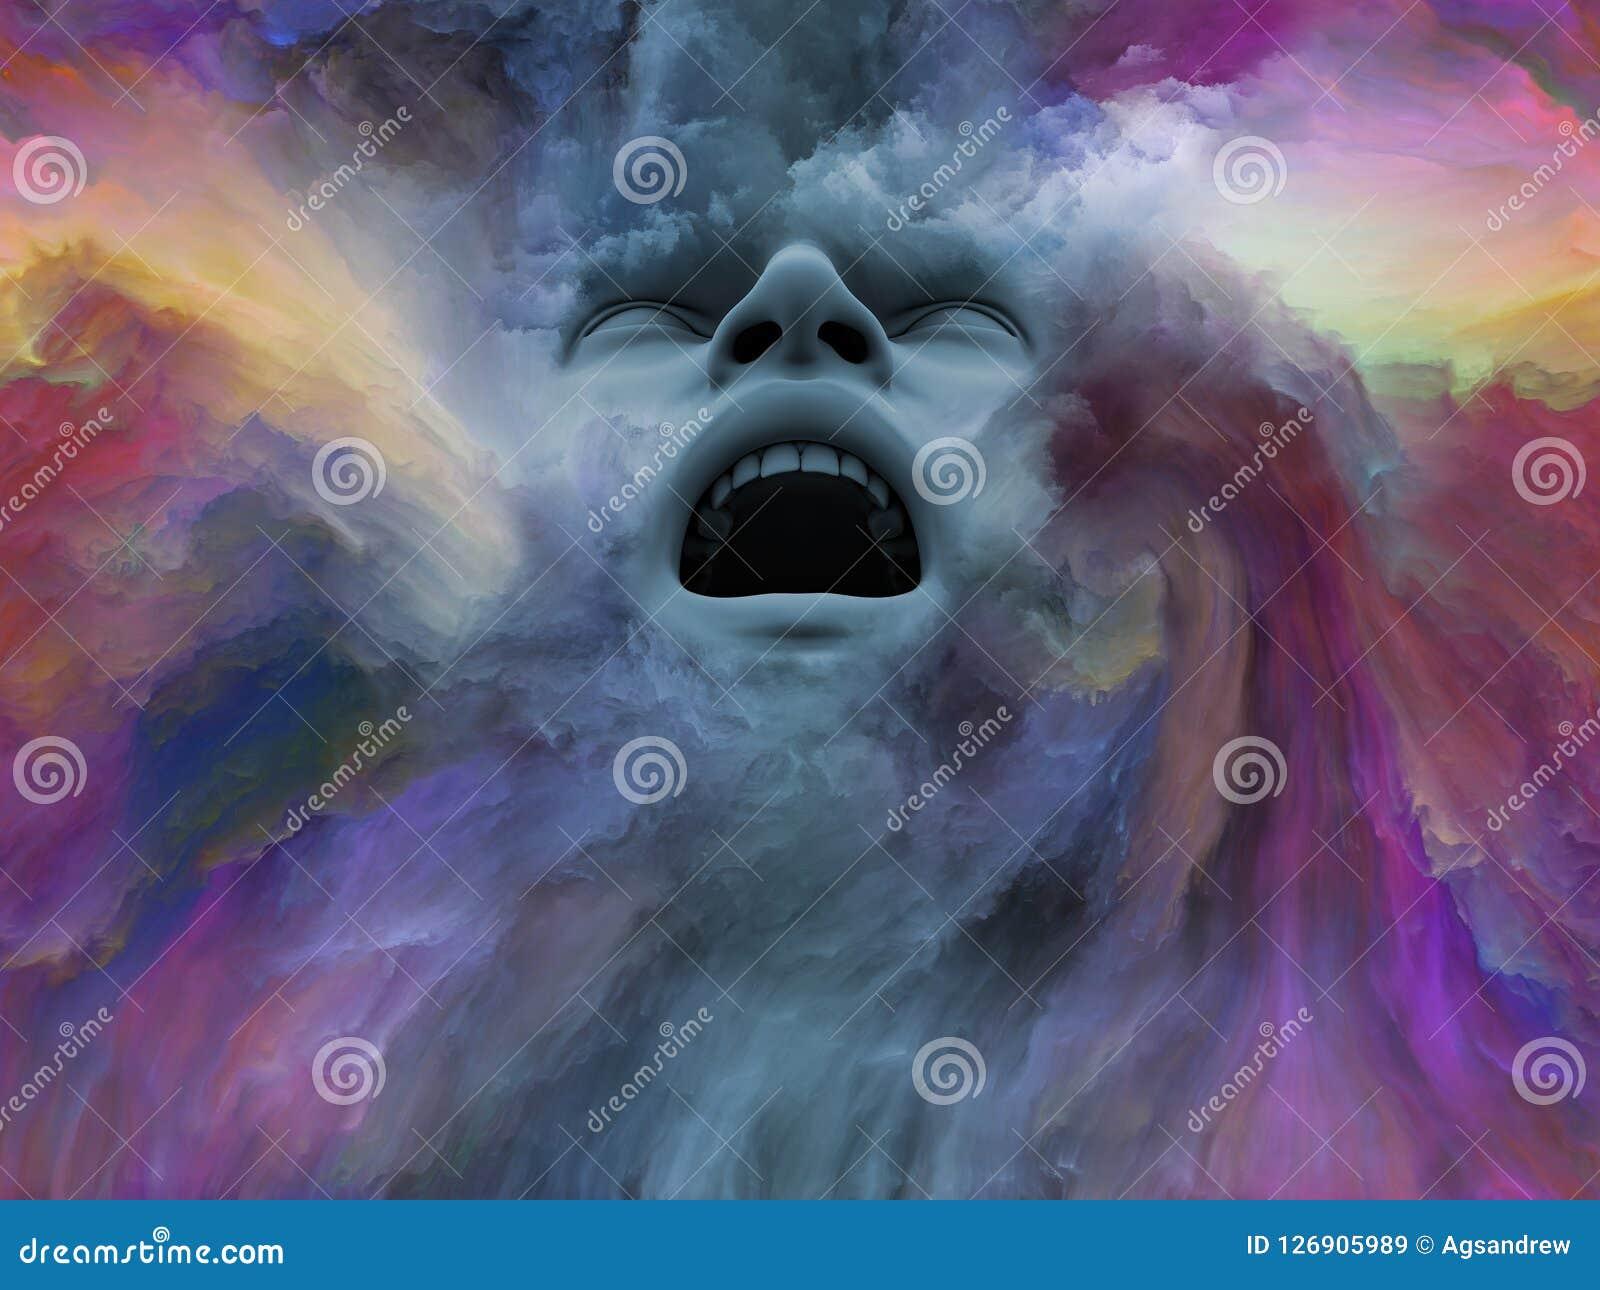 Visualización del sueño pintado